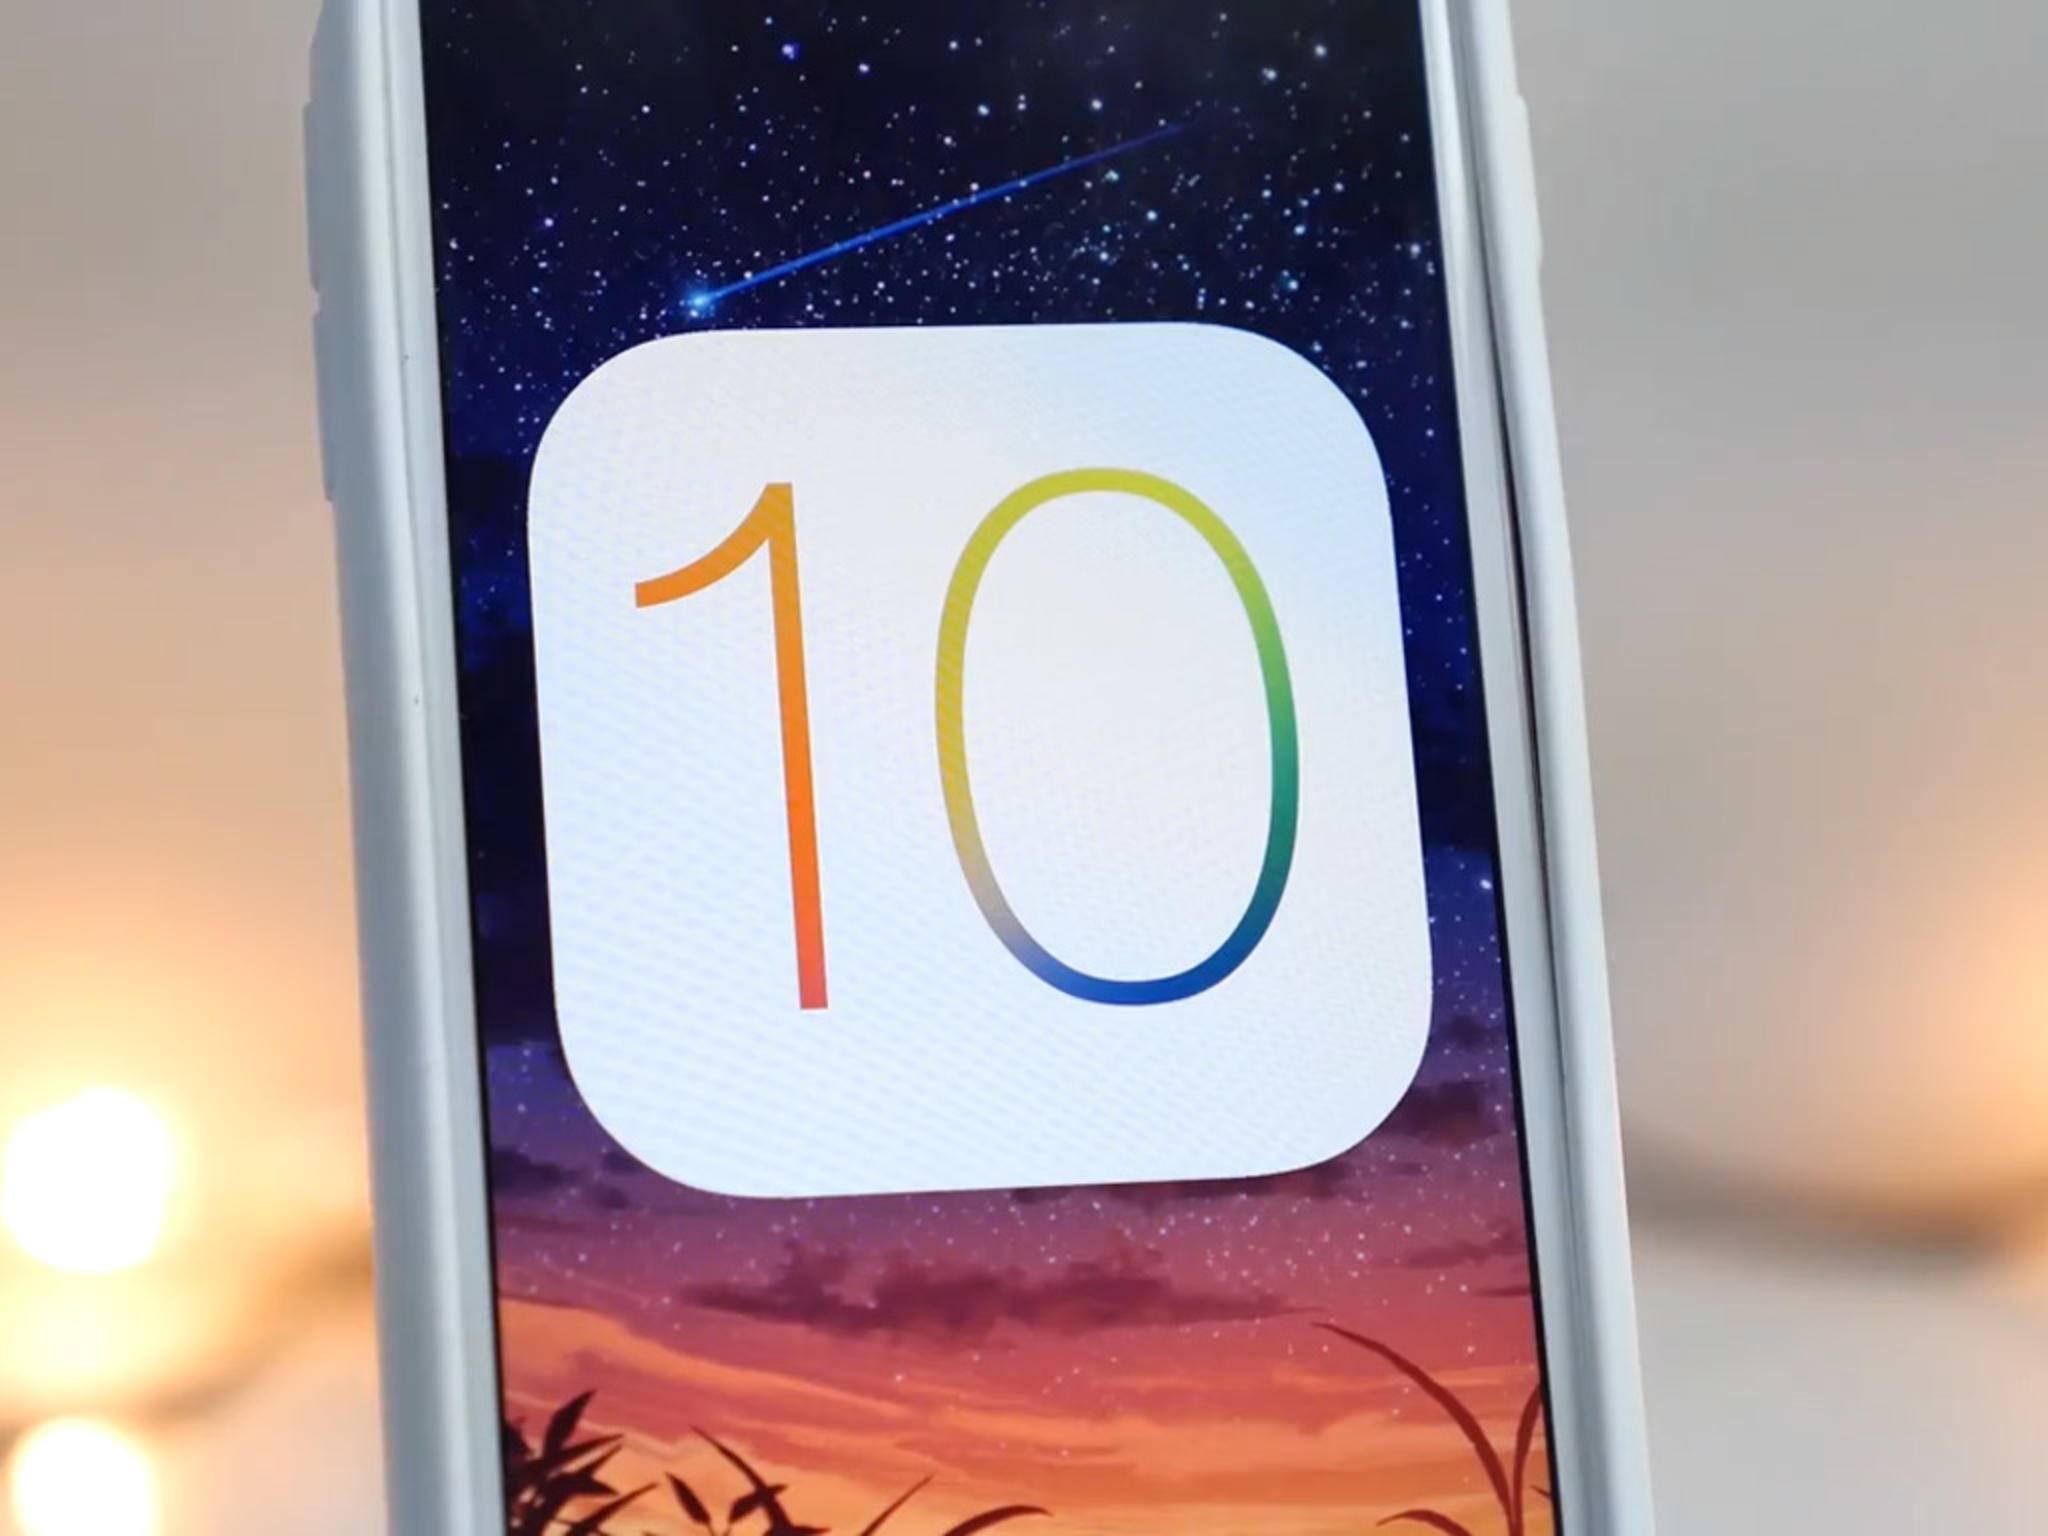 Diese 10 Features könnte Apple seinem neuem Betriebssystem iOS 10 spendieren.